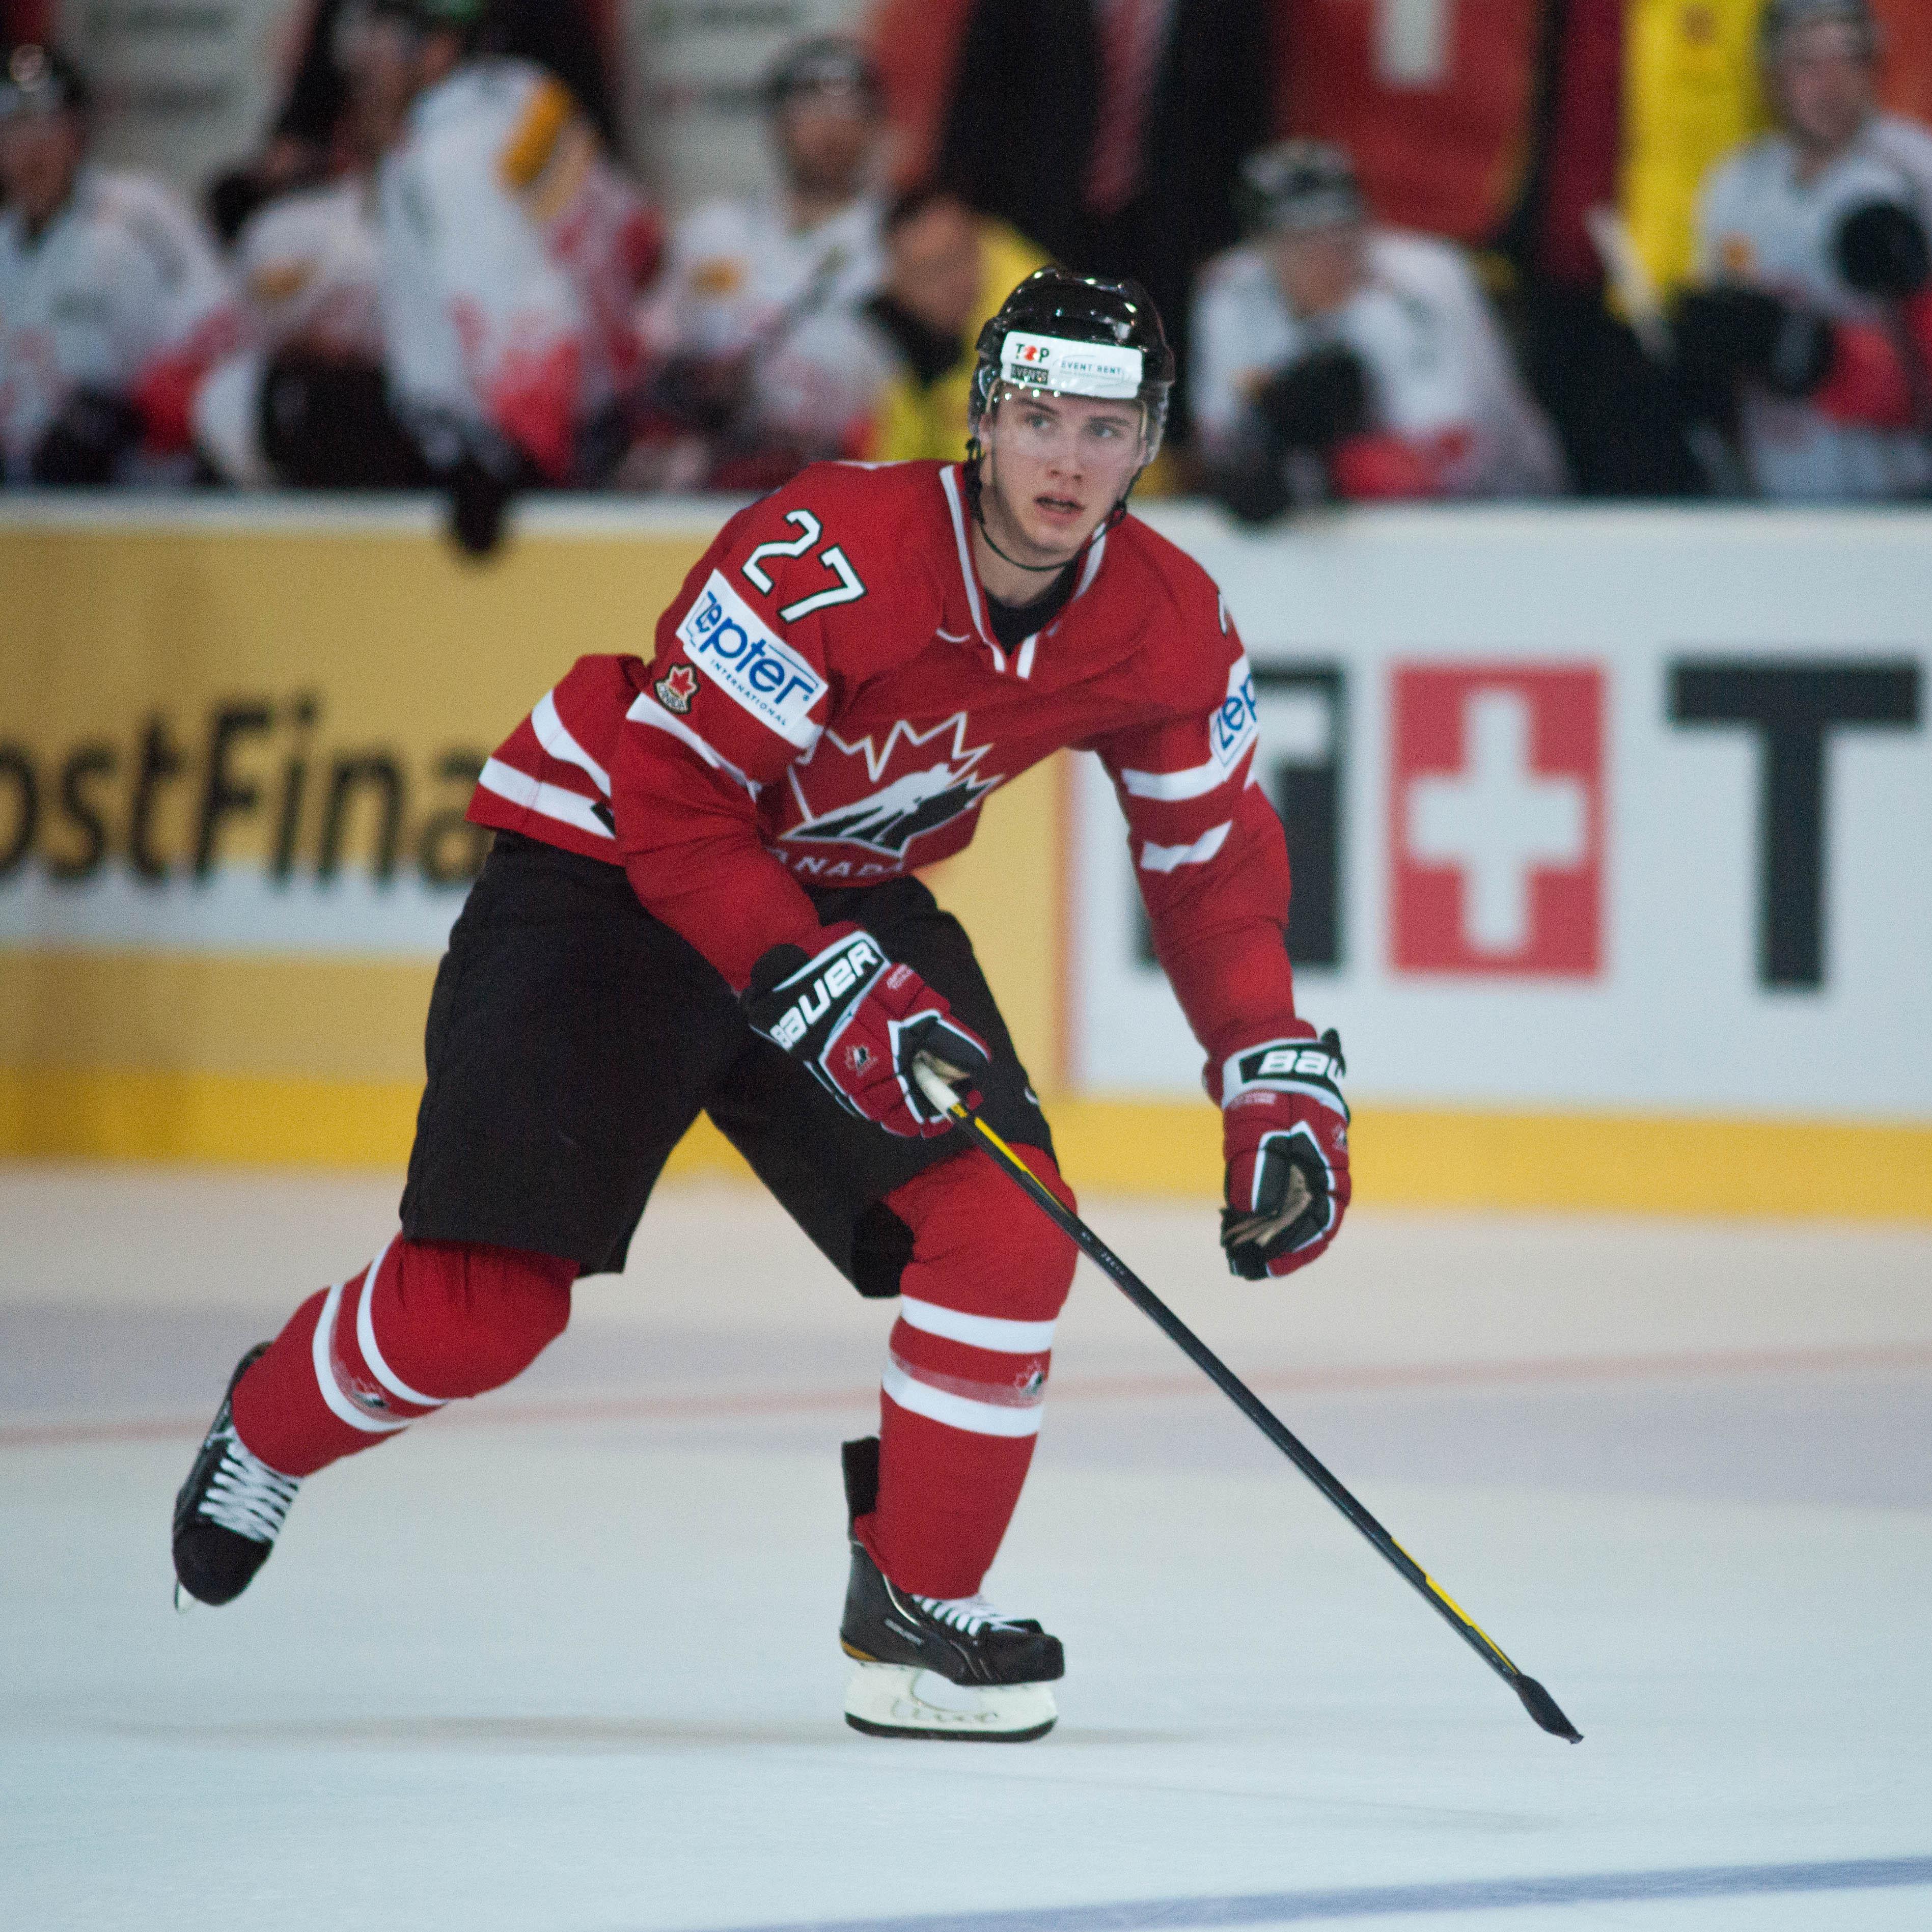 Suomalaistaustaista Ryan Murray, 19, on yksi Kanadan maajoukkueen tulevaisuudentoivoista. Hänet kutsuttiin jo viime toukokuussa mukaan miesten maajoukkueen MM-kisaleirille.